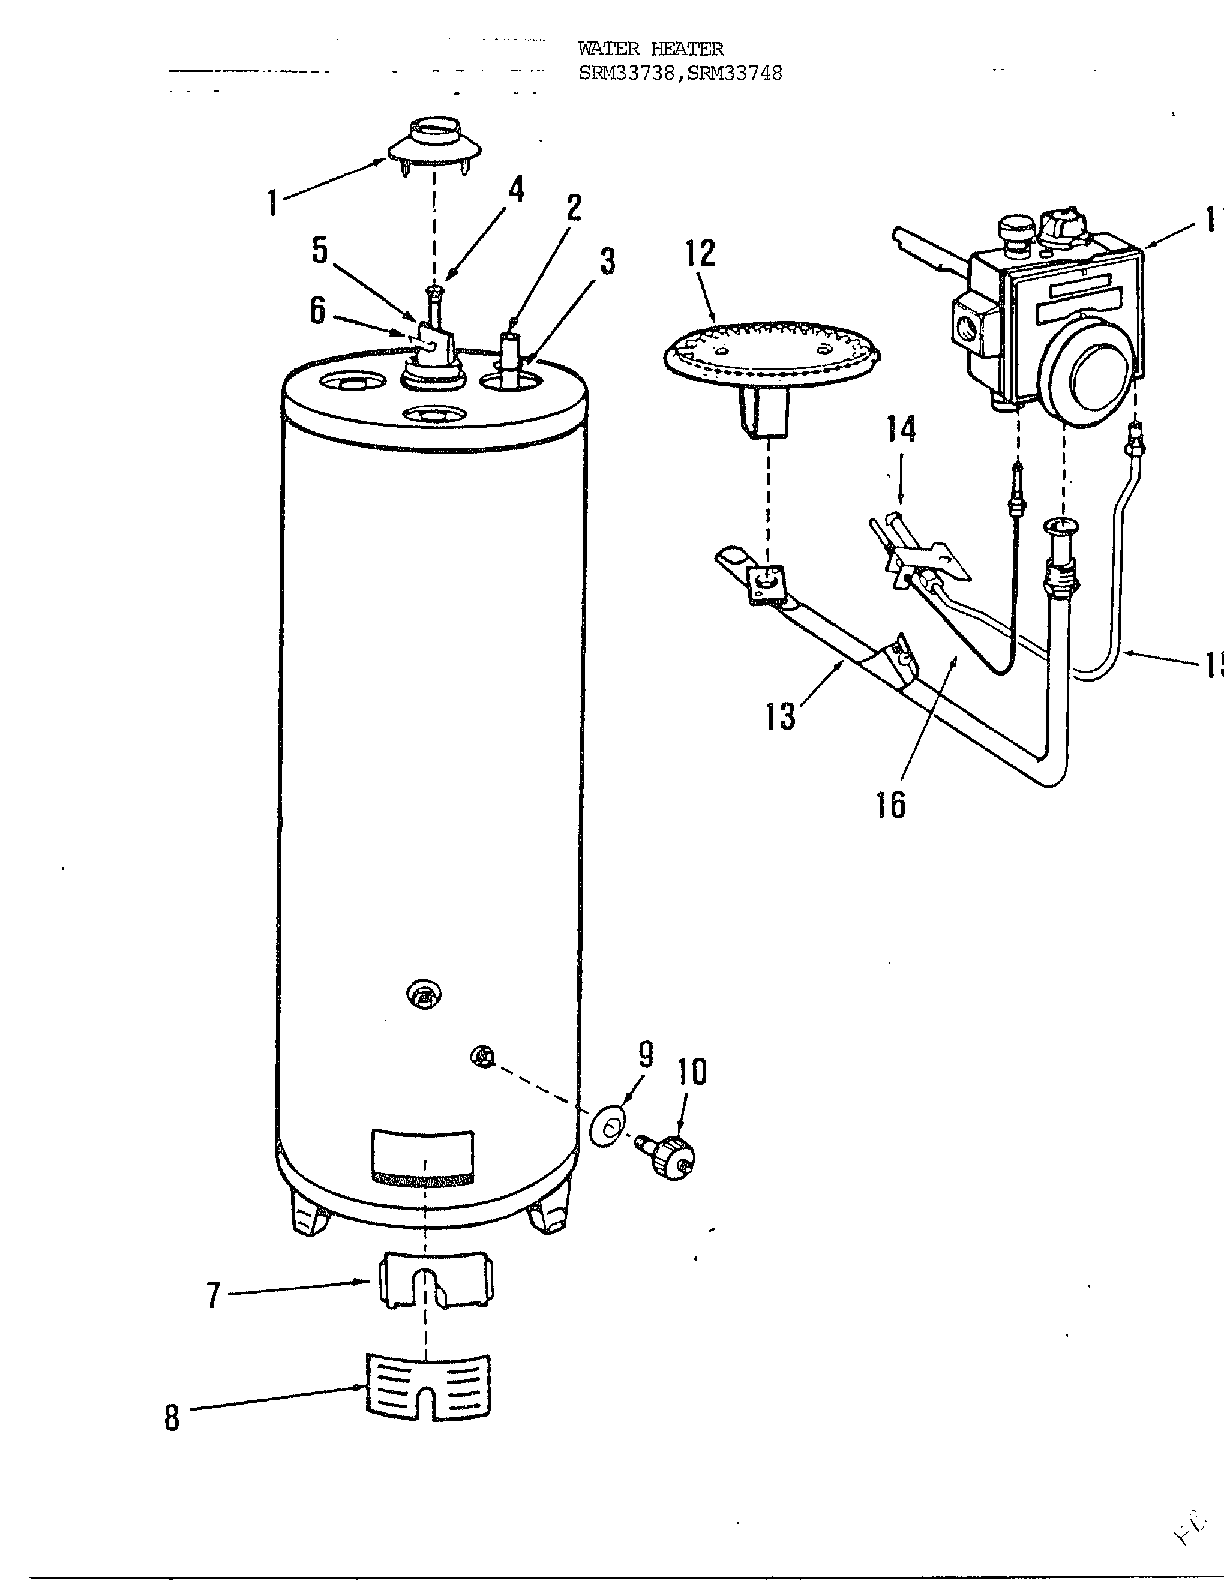 rheem water heater wiring schematic electric hot water heater parts diagram wiring diagram data  electric hot water heater parts diagram